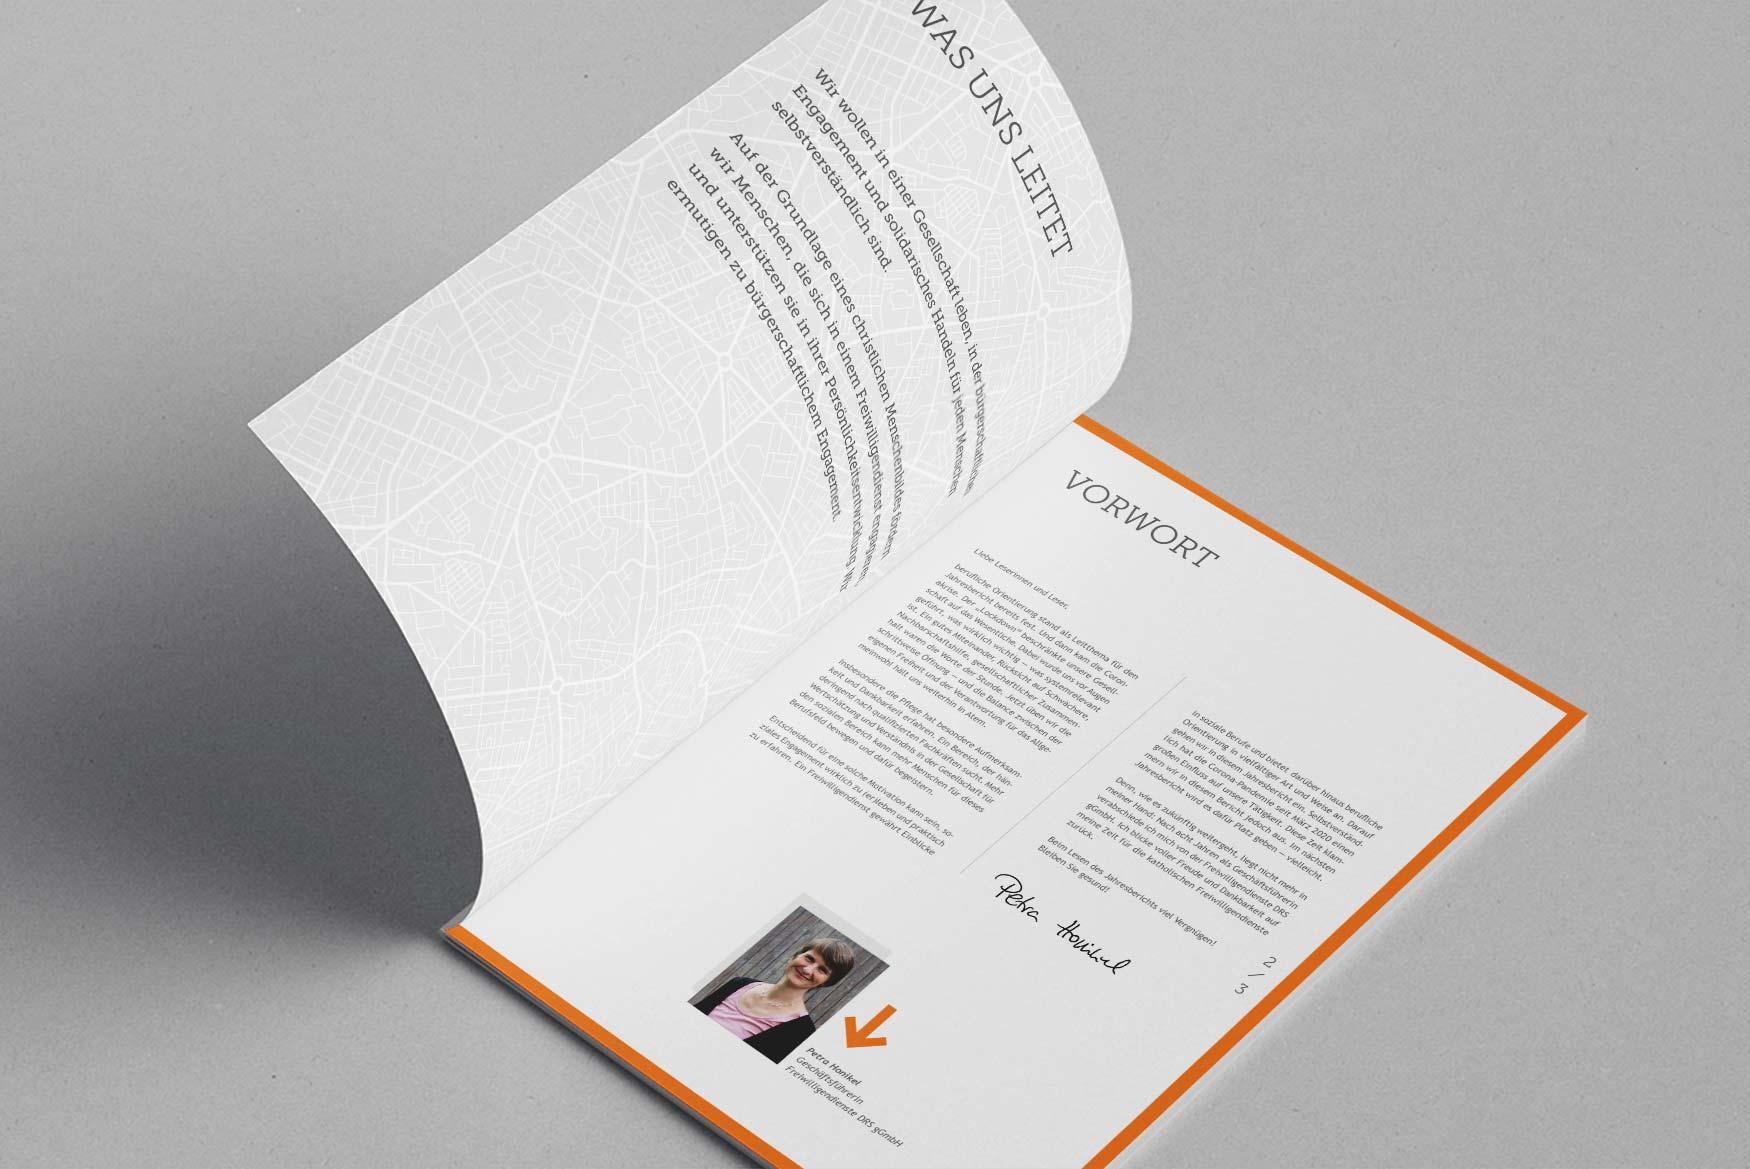 Jahresbericht-FRS-2-Designagentur-Stuttgart-Kreativbetrieb